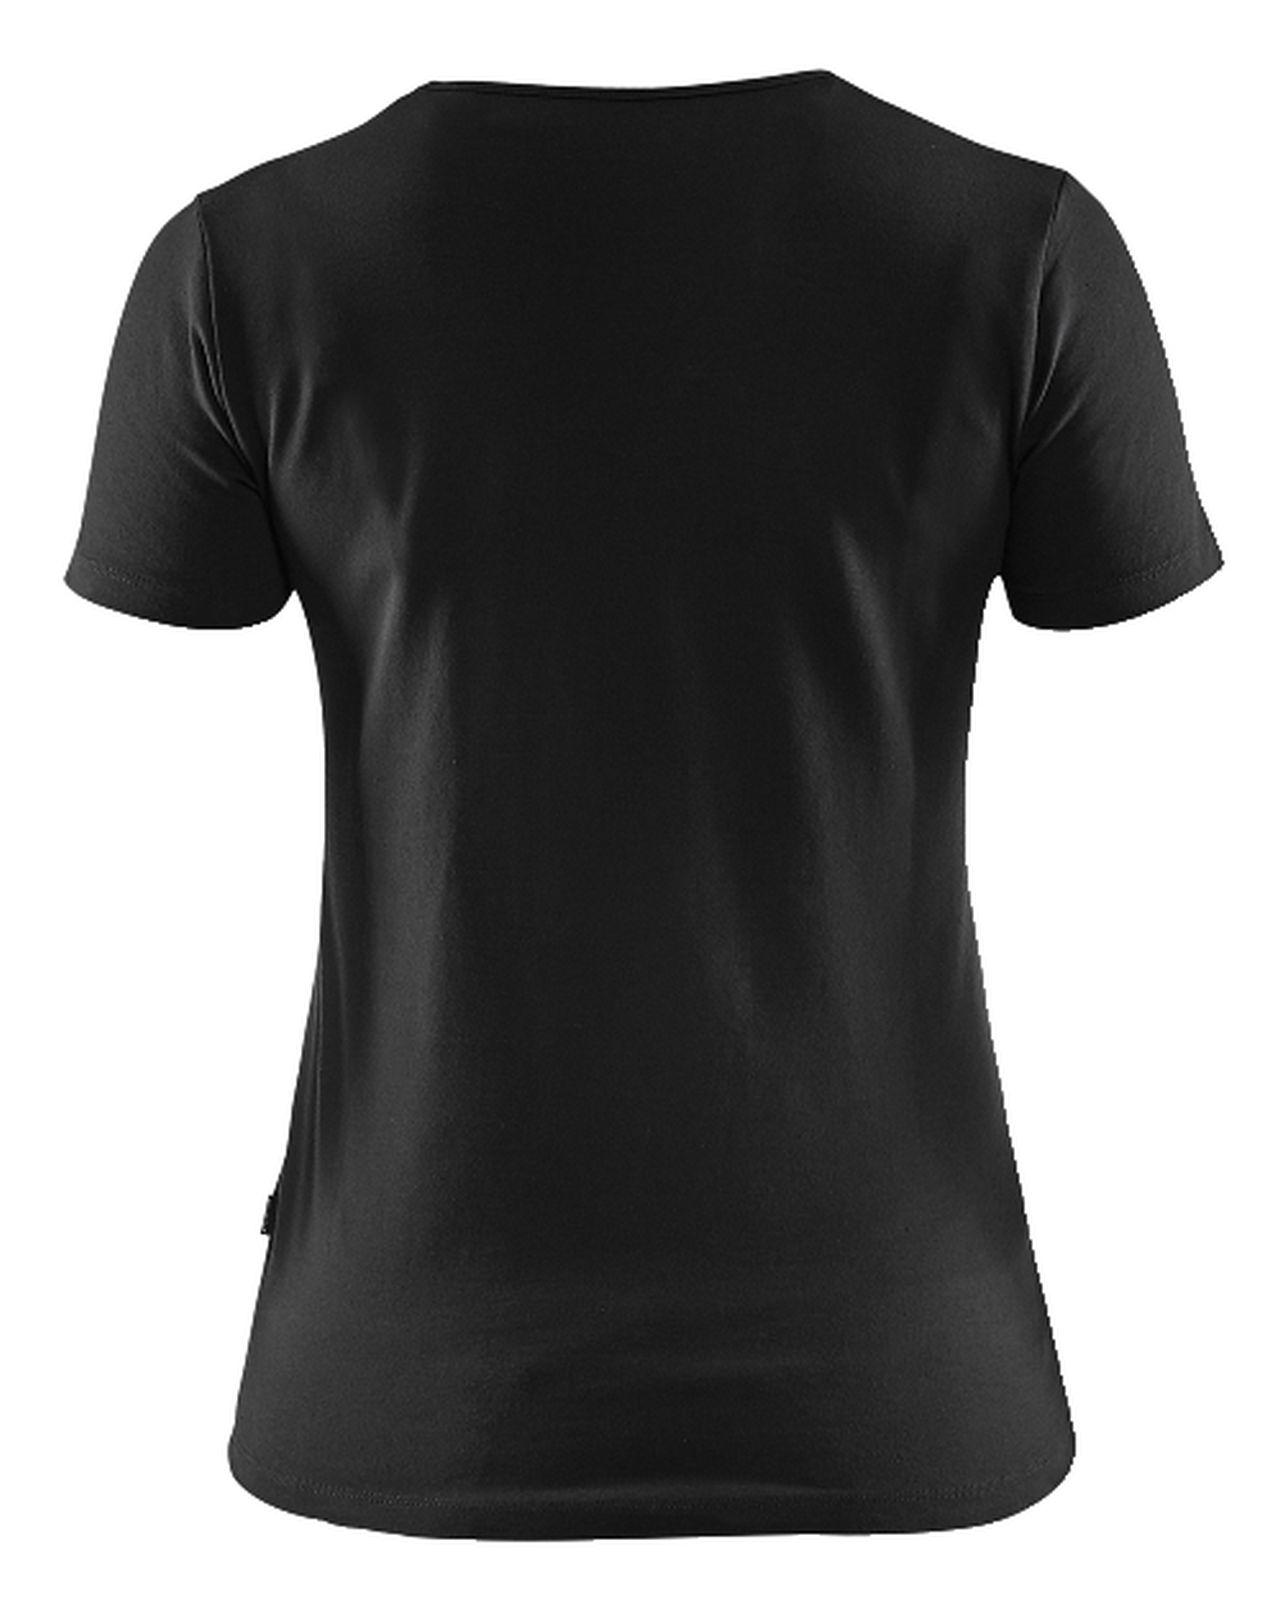 Blaklader T-shirts 33041029 zwart(9900)